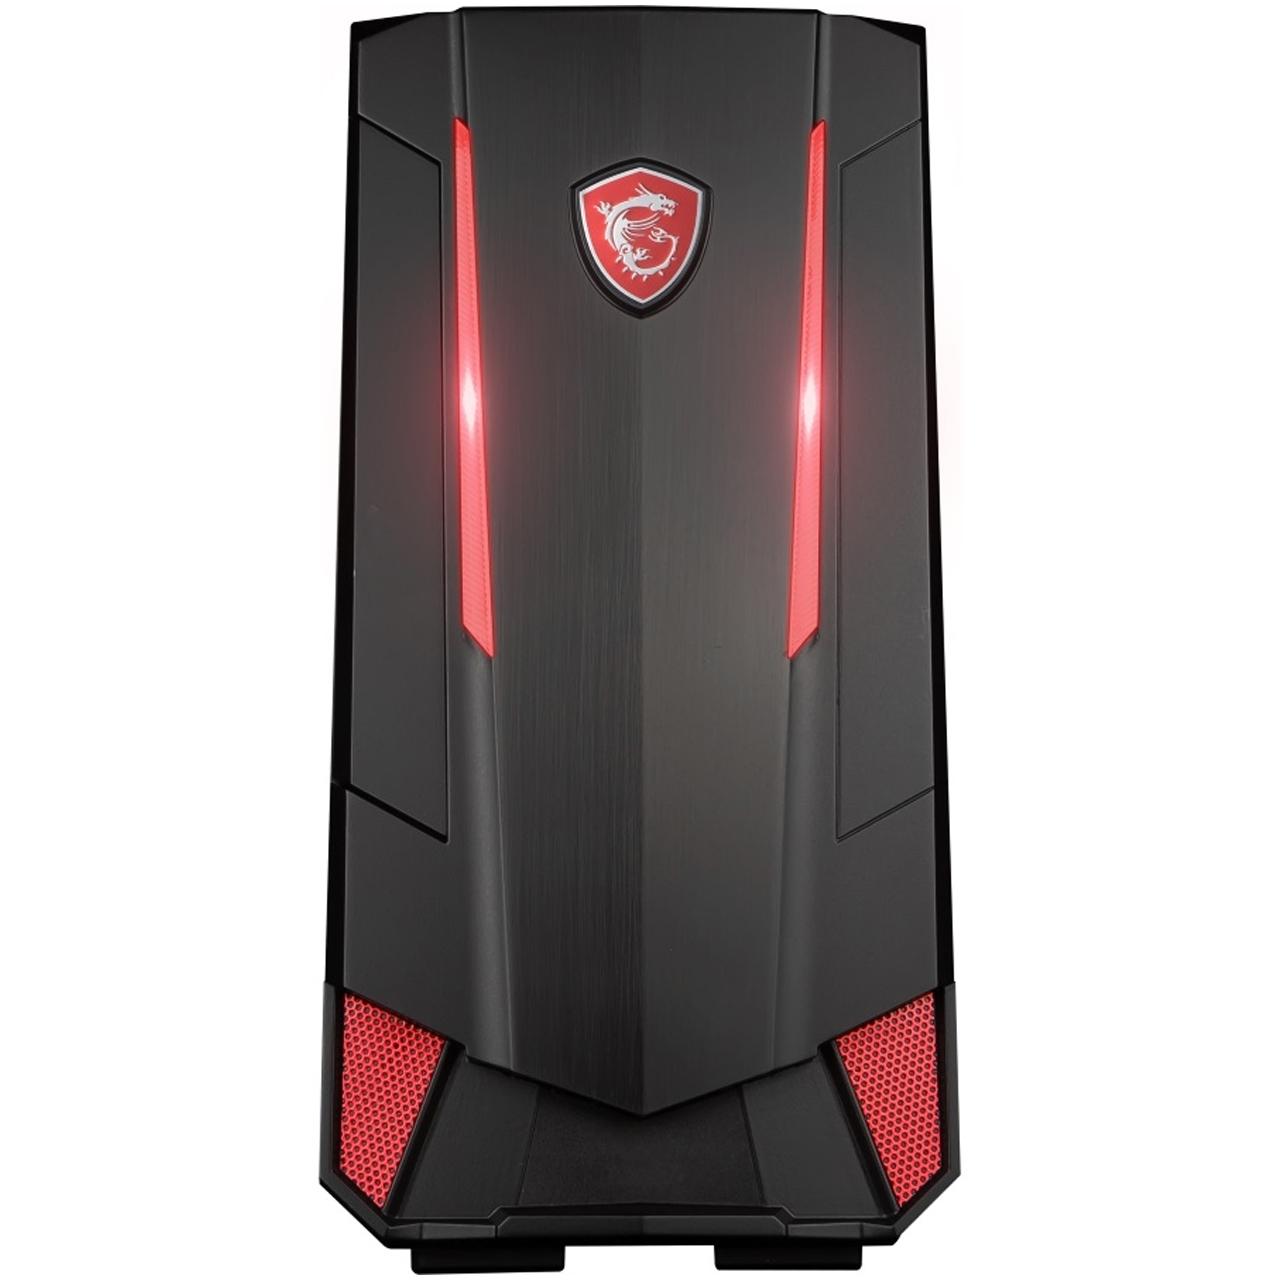 کامپیوتر دسکتاپ ام اس آی مدل NightBlade MI3  - A